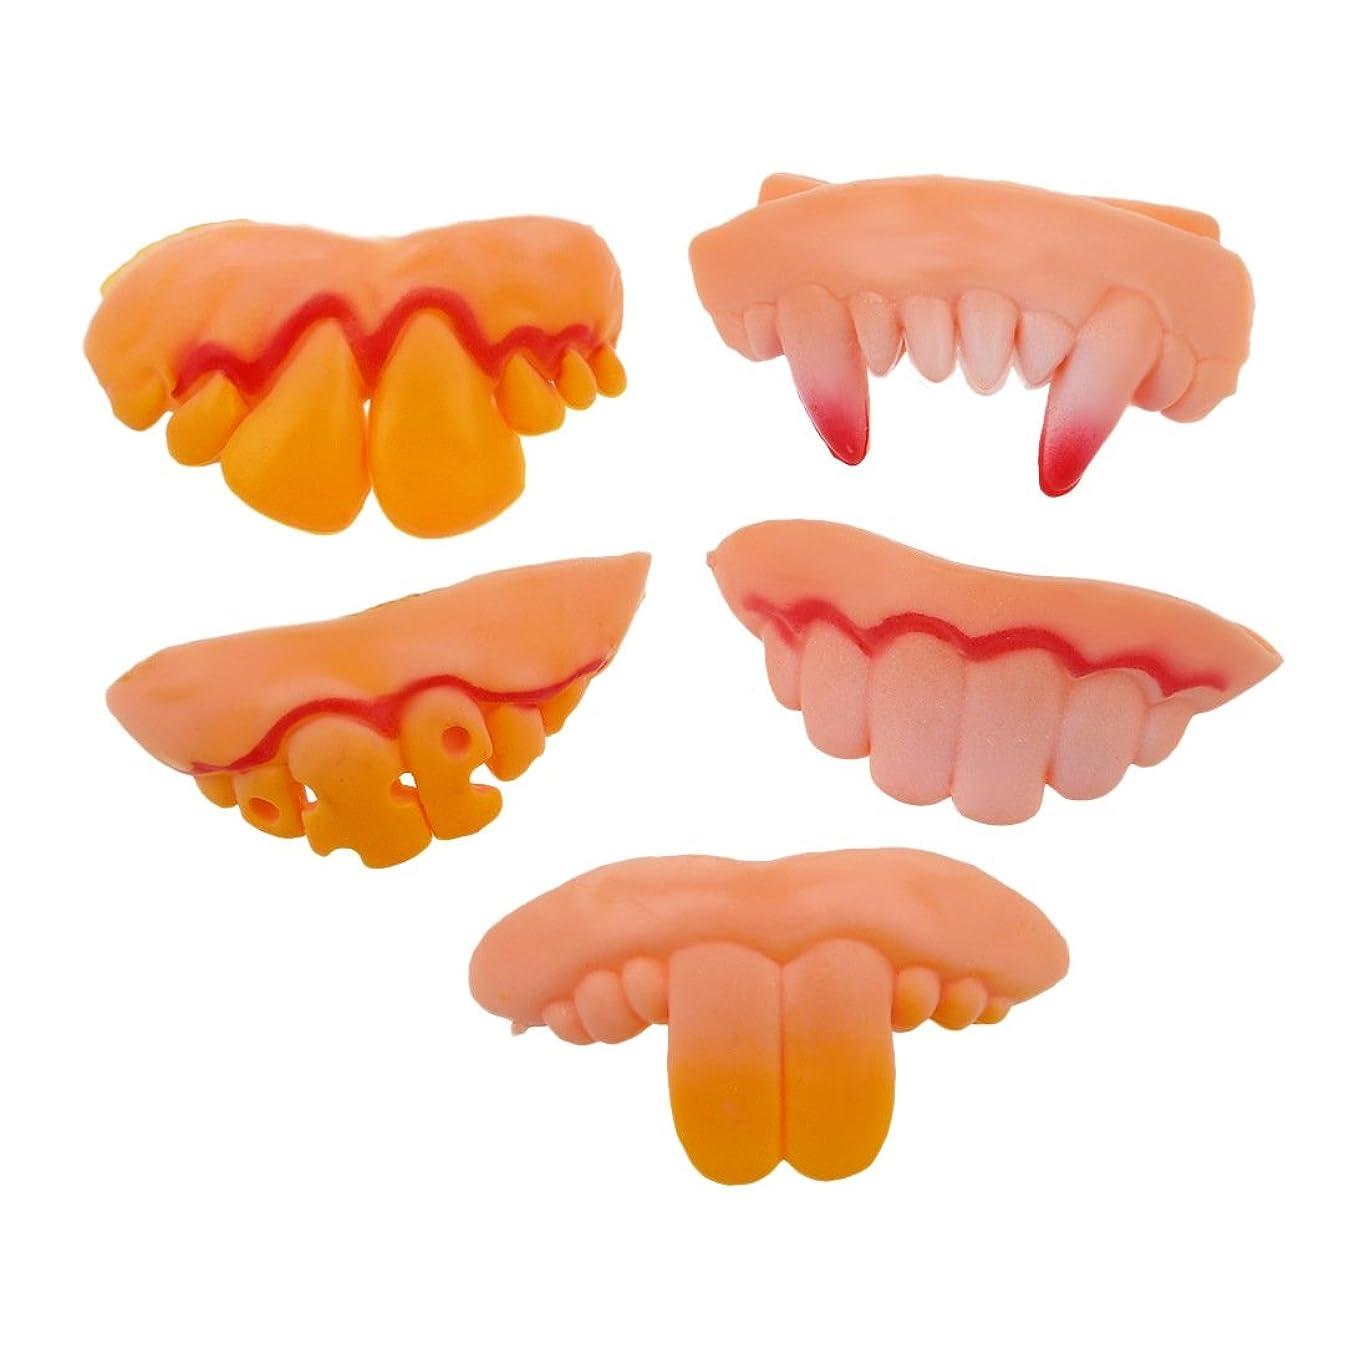 冗談でバスケットボール解くRETYLY RETYLY(R) 5件醜い偽歯仮装パーティーおかしいギャグのギフト